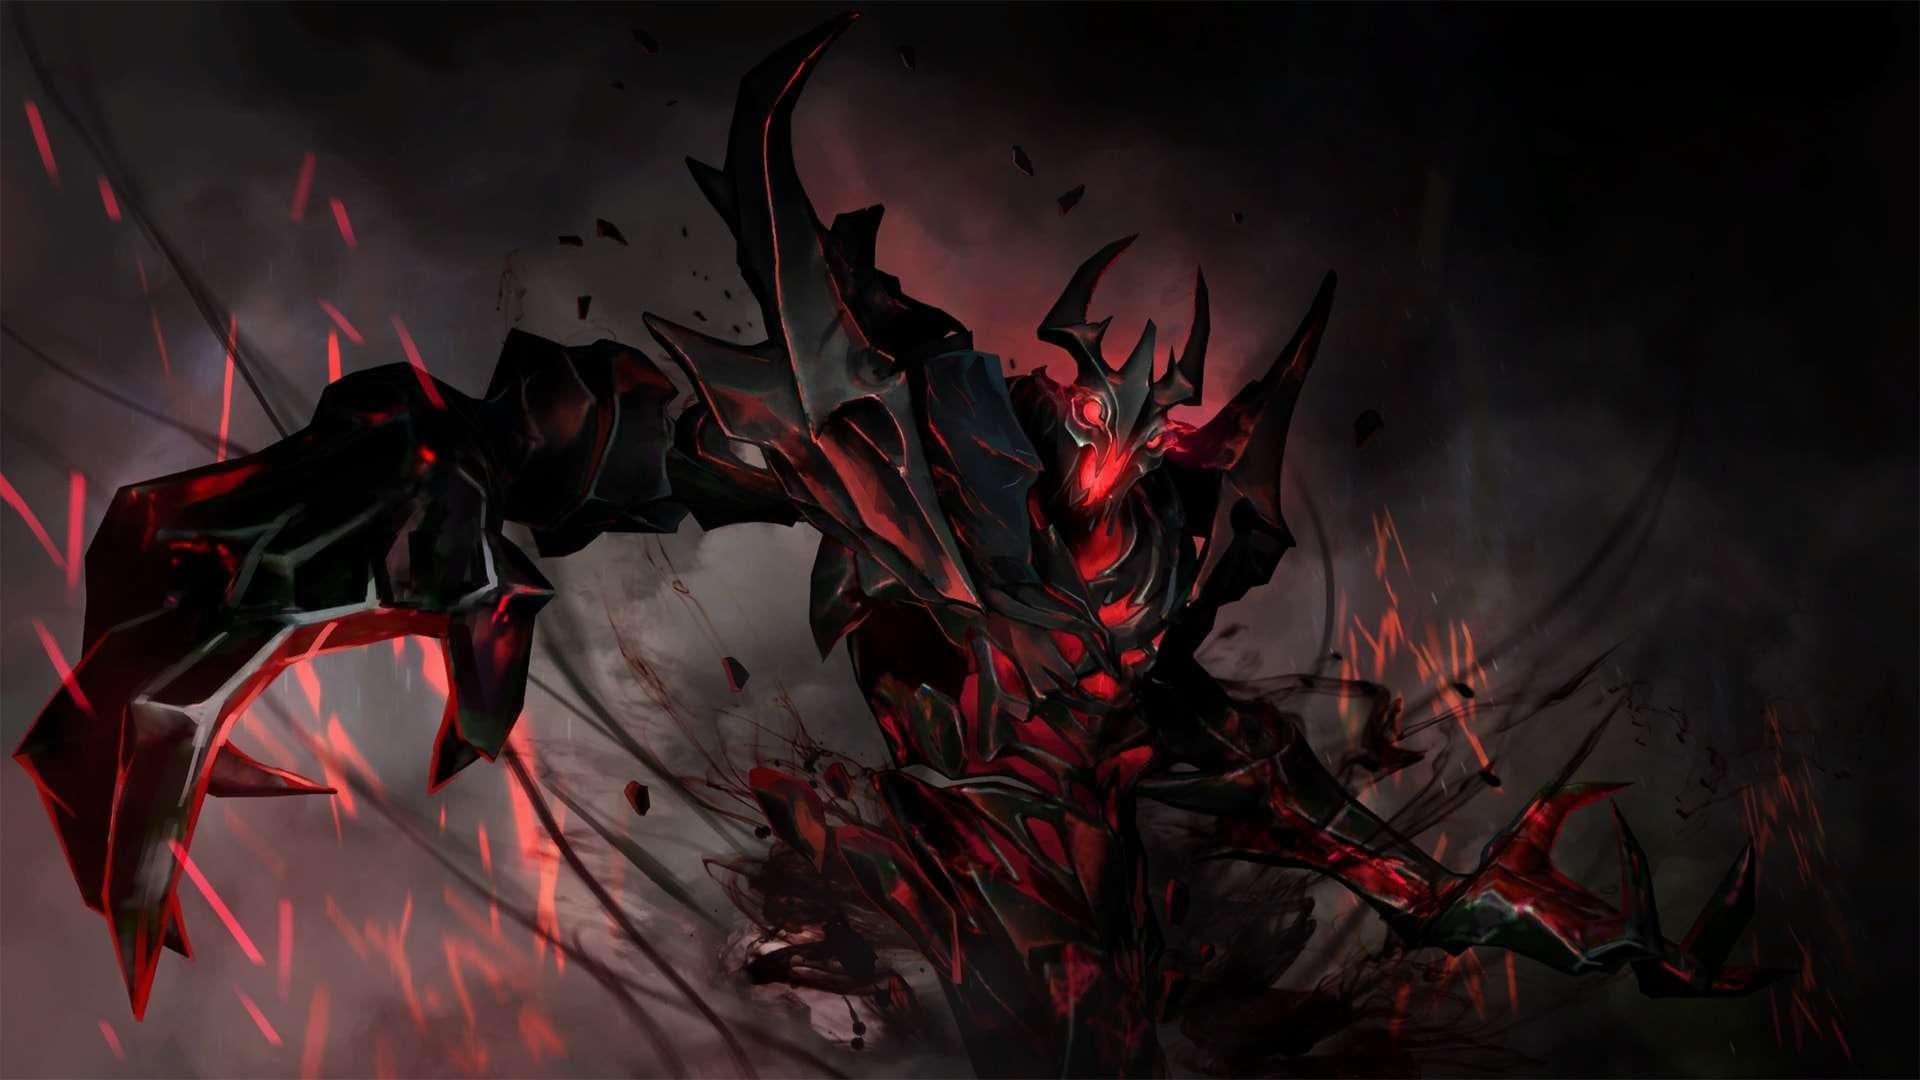 地狱噬魂的恶魔